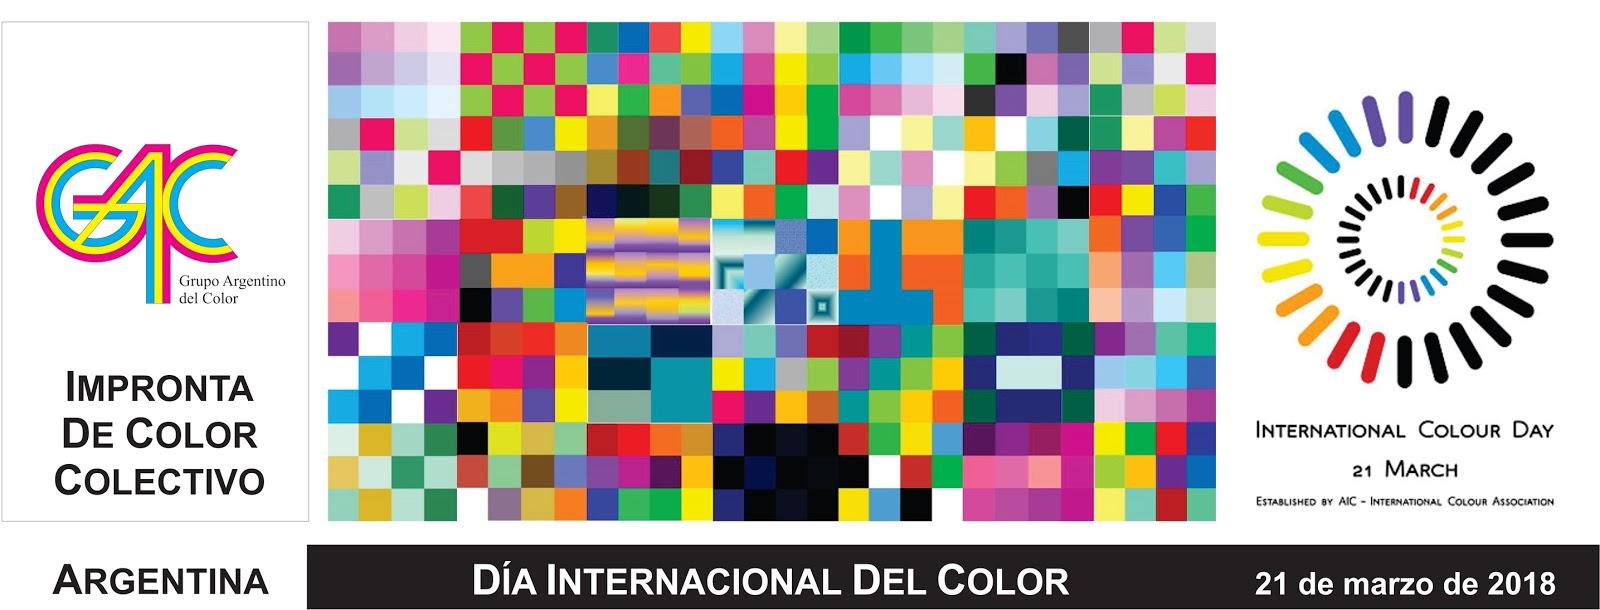 Grupo Argentino del Color